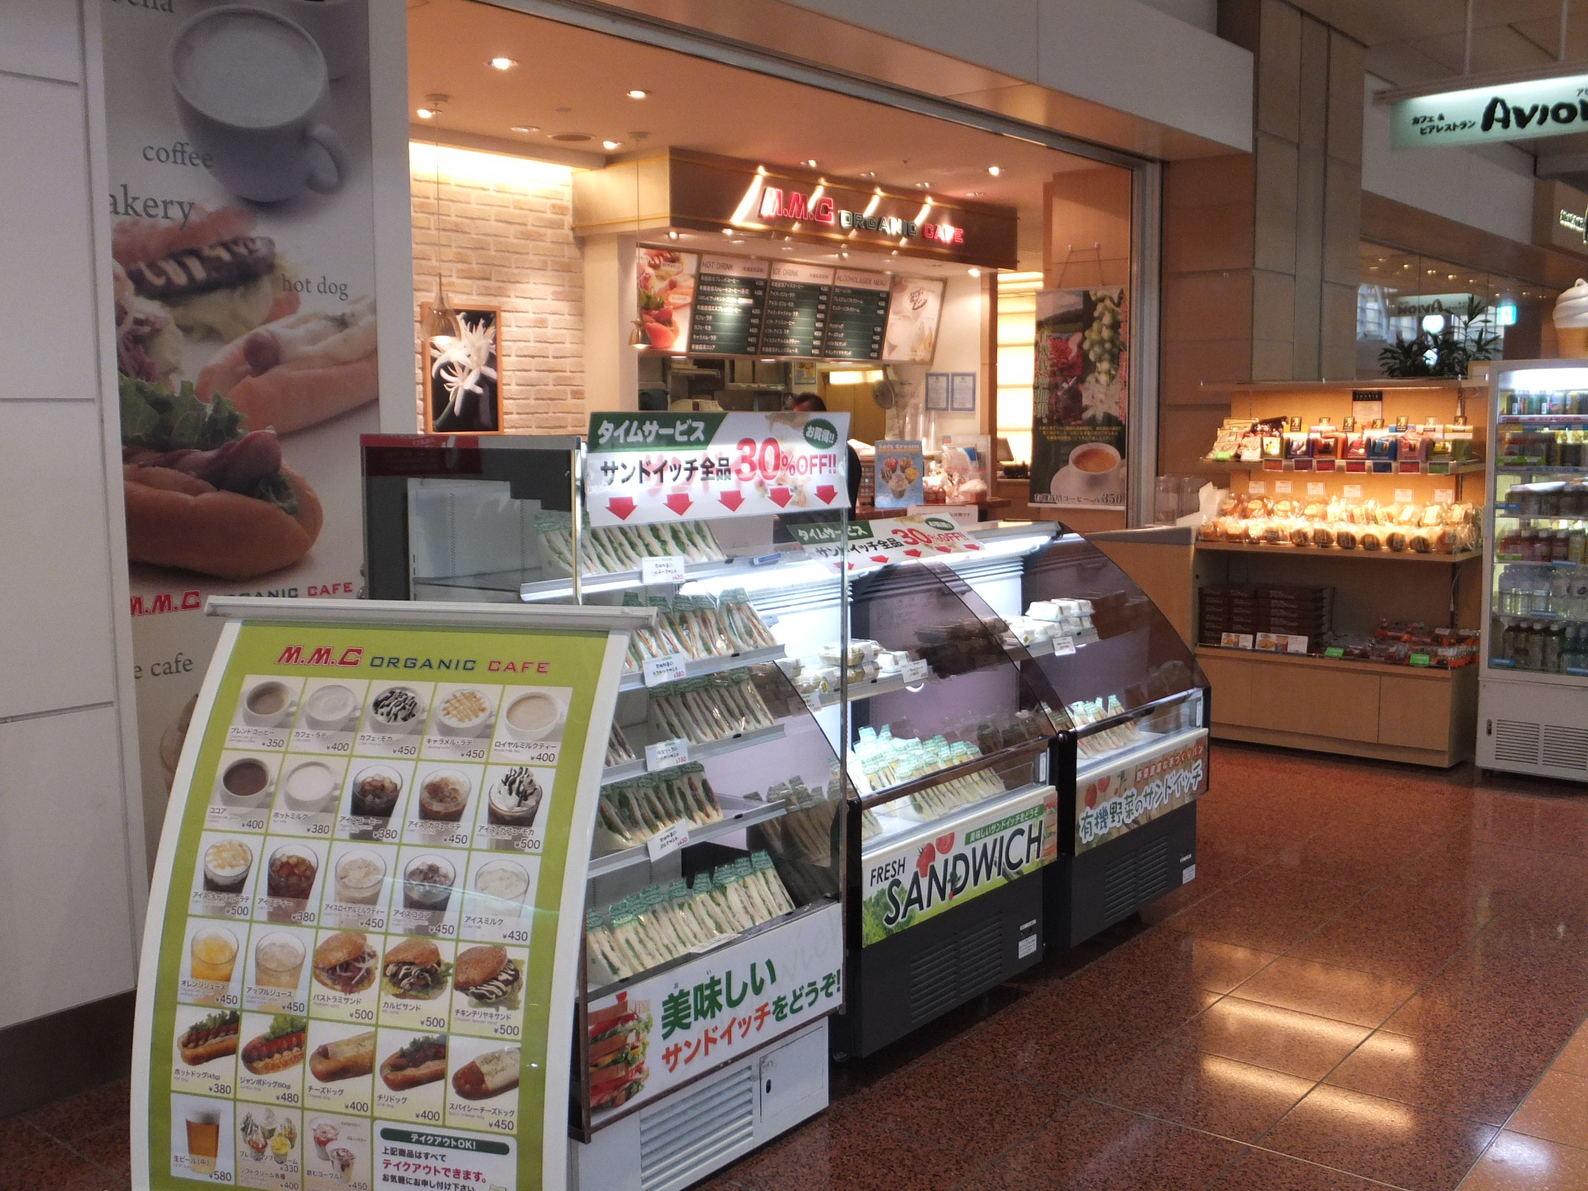 MMCオーガニックカフェ 羽田空港第2ターミナル店